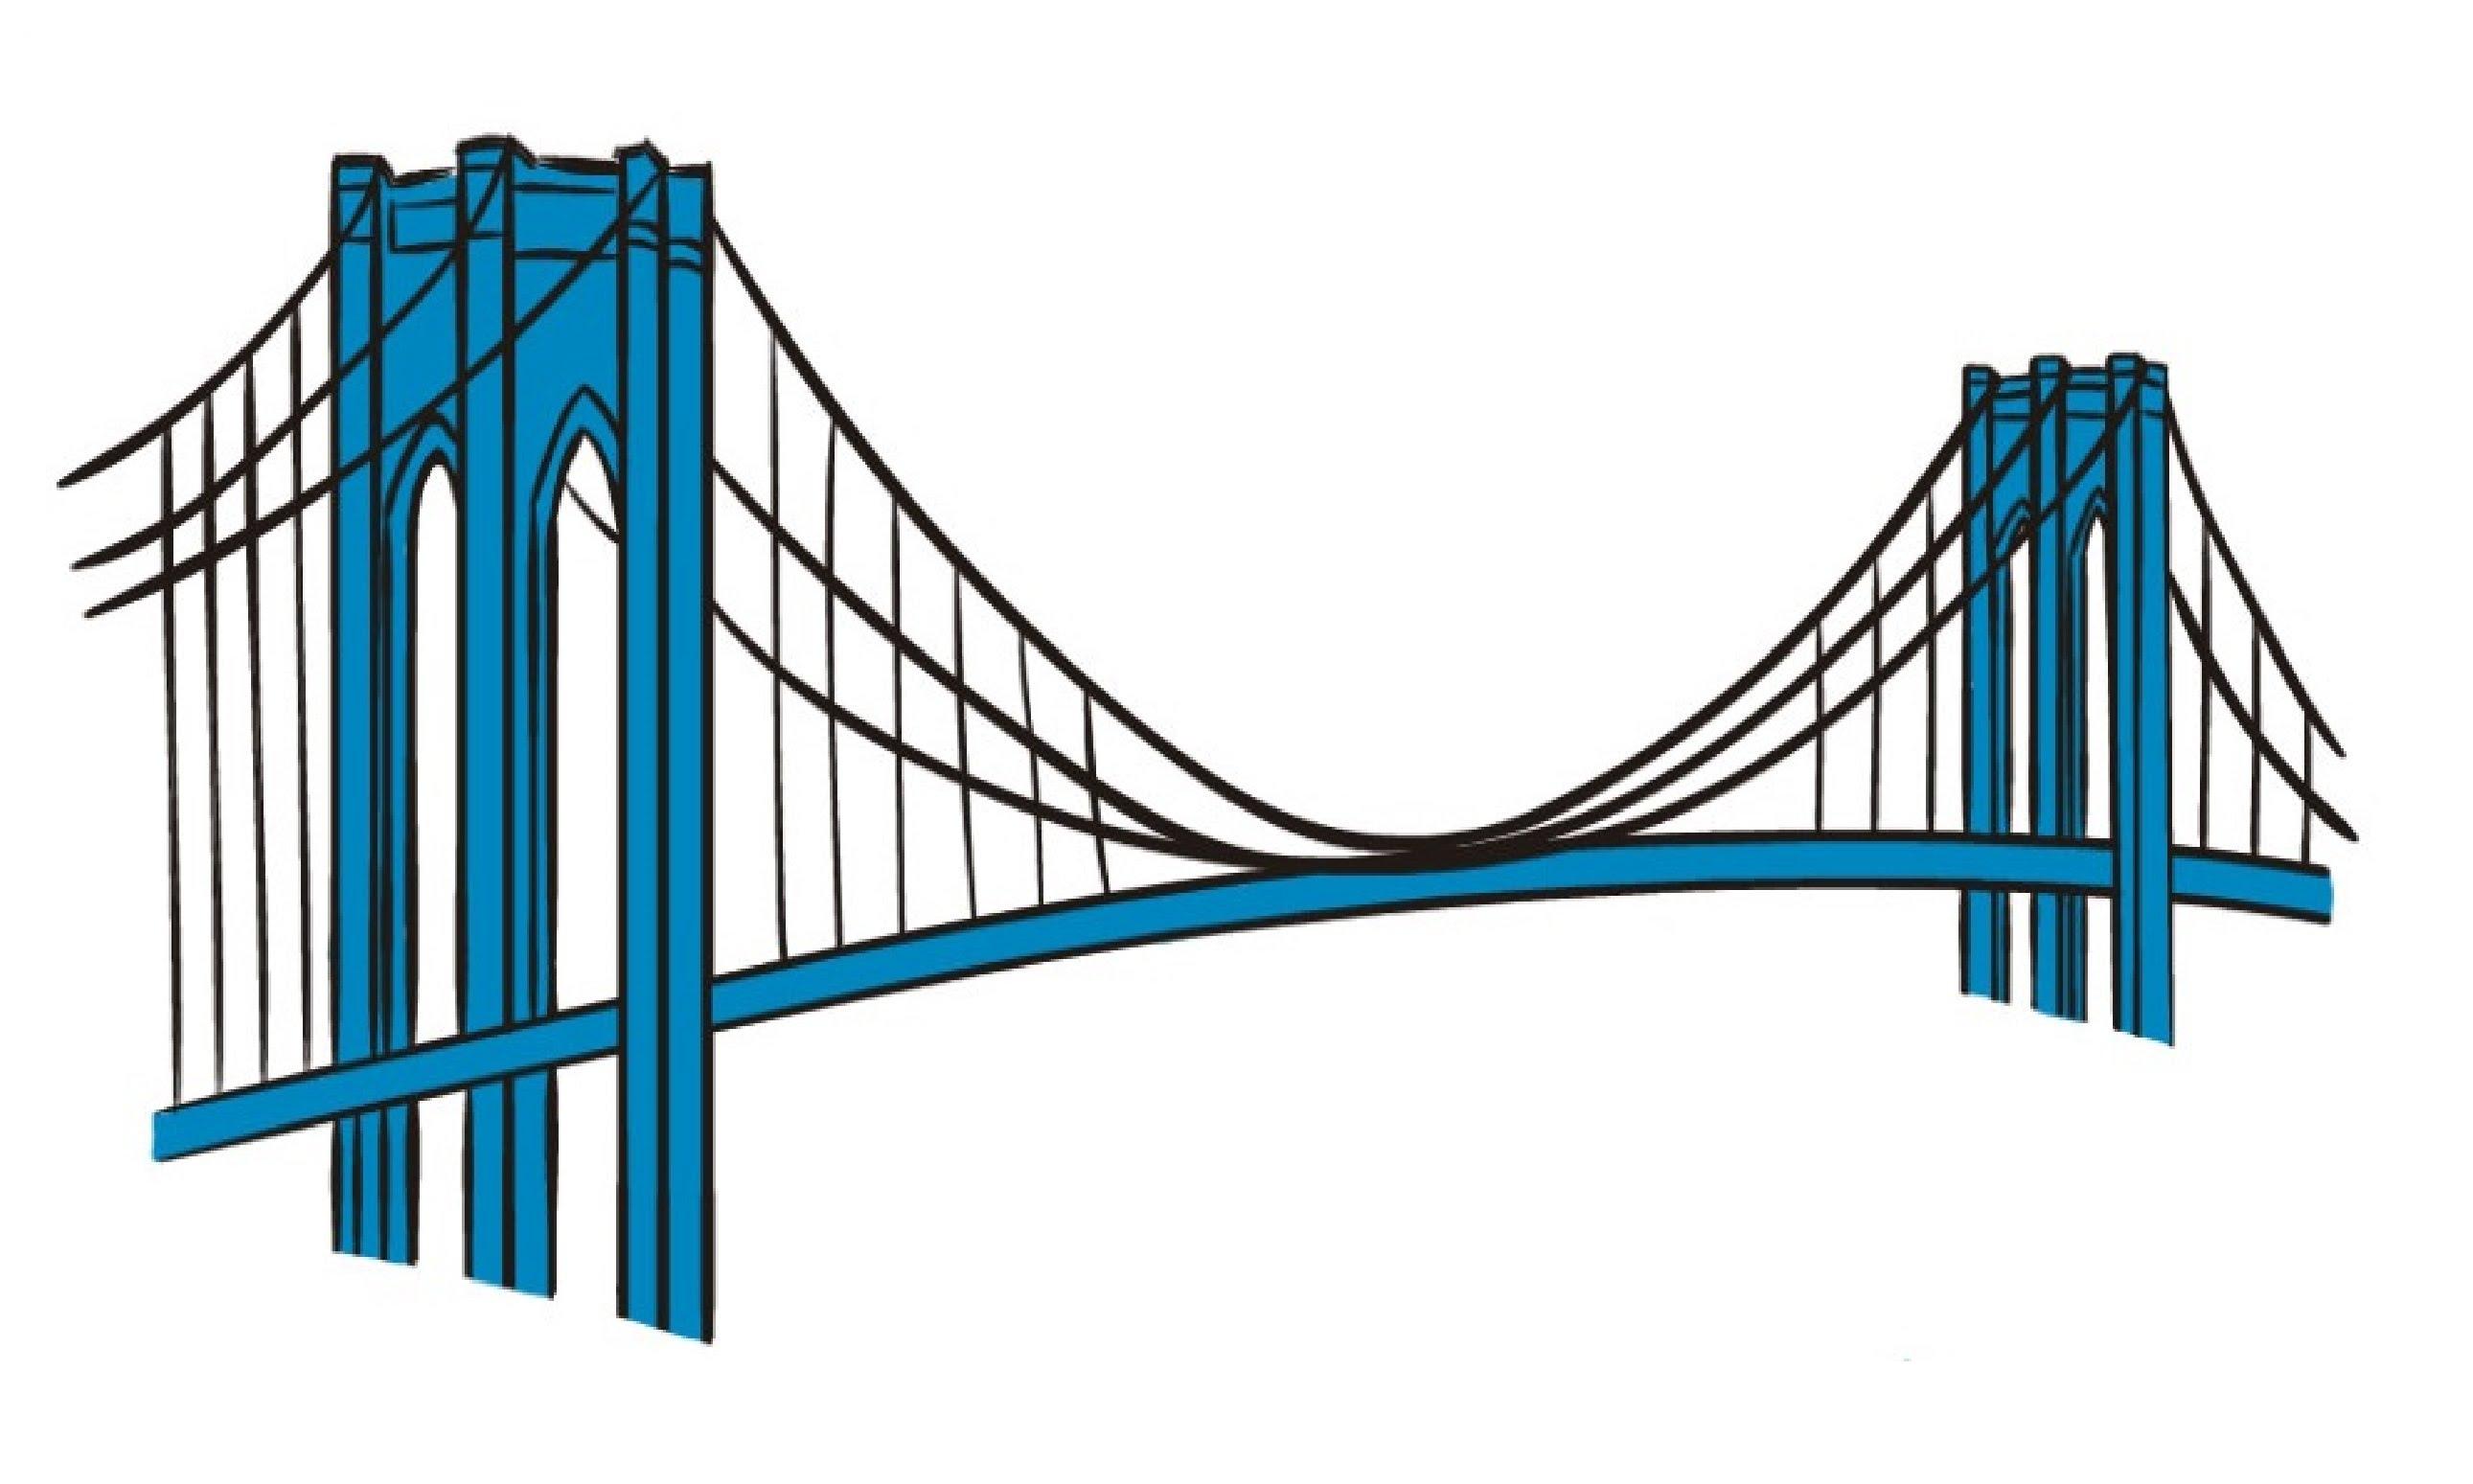 Bridge clipart easy. Drawing at getdrawings com